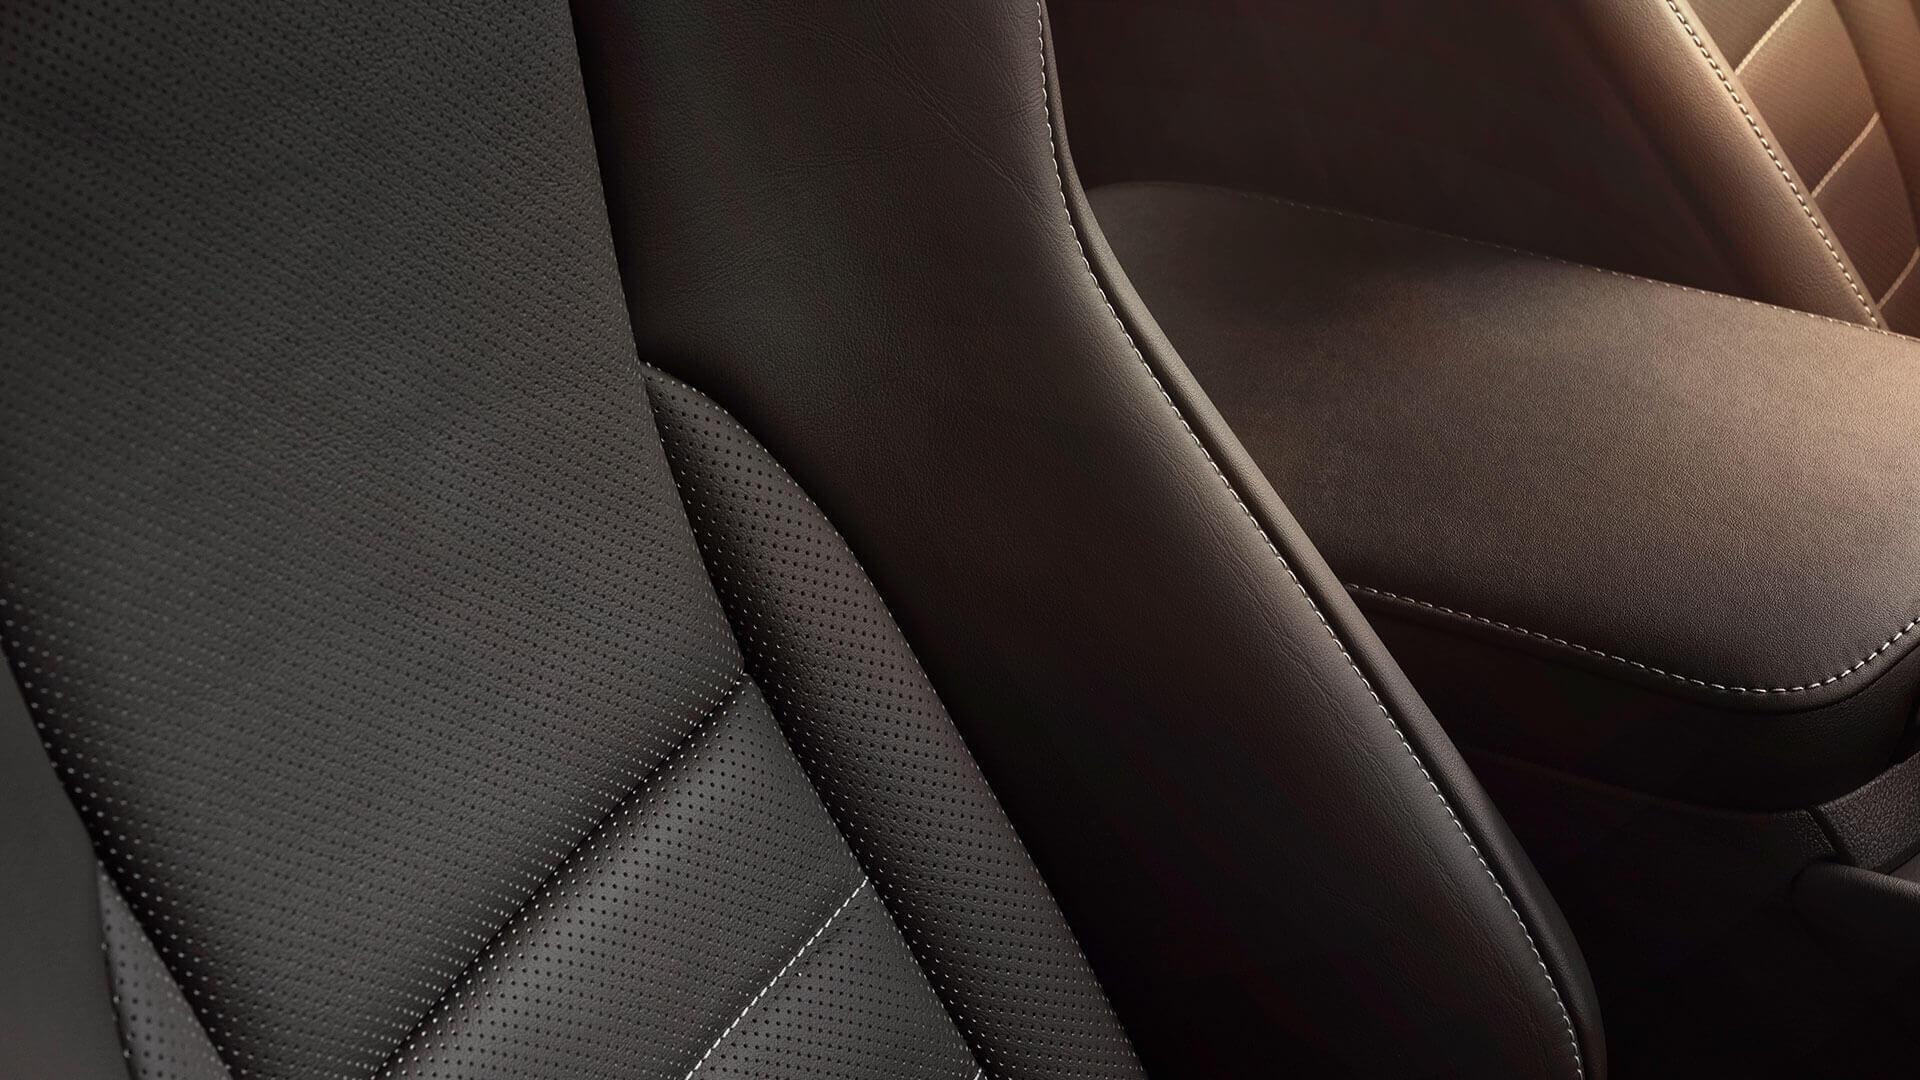 Zwarte bekleding van een Lexus NX 300h